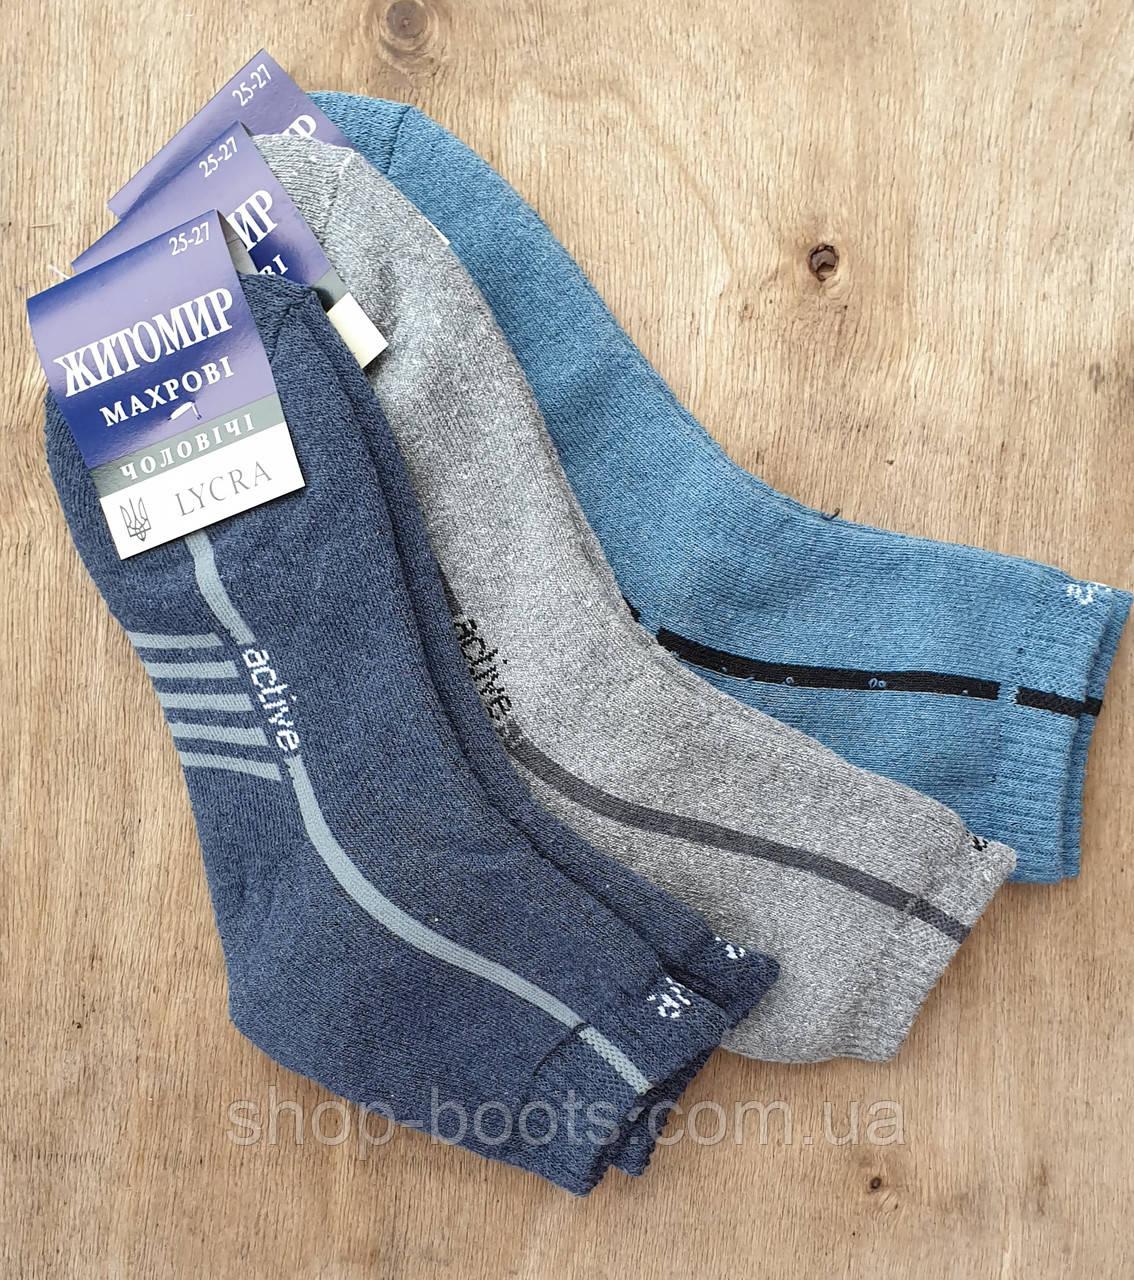 Мужские носки оптом. Модель мужские махровые 4